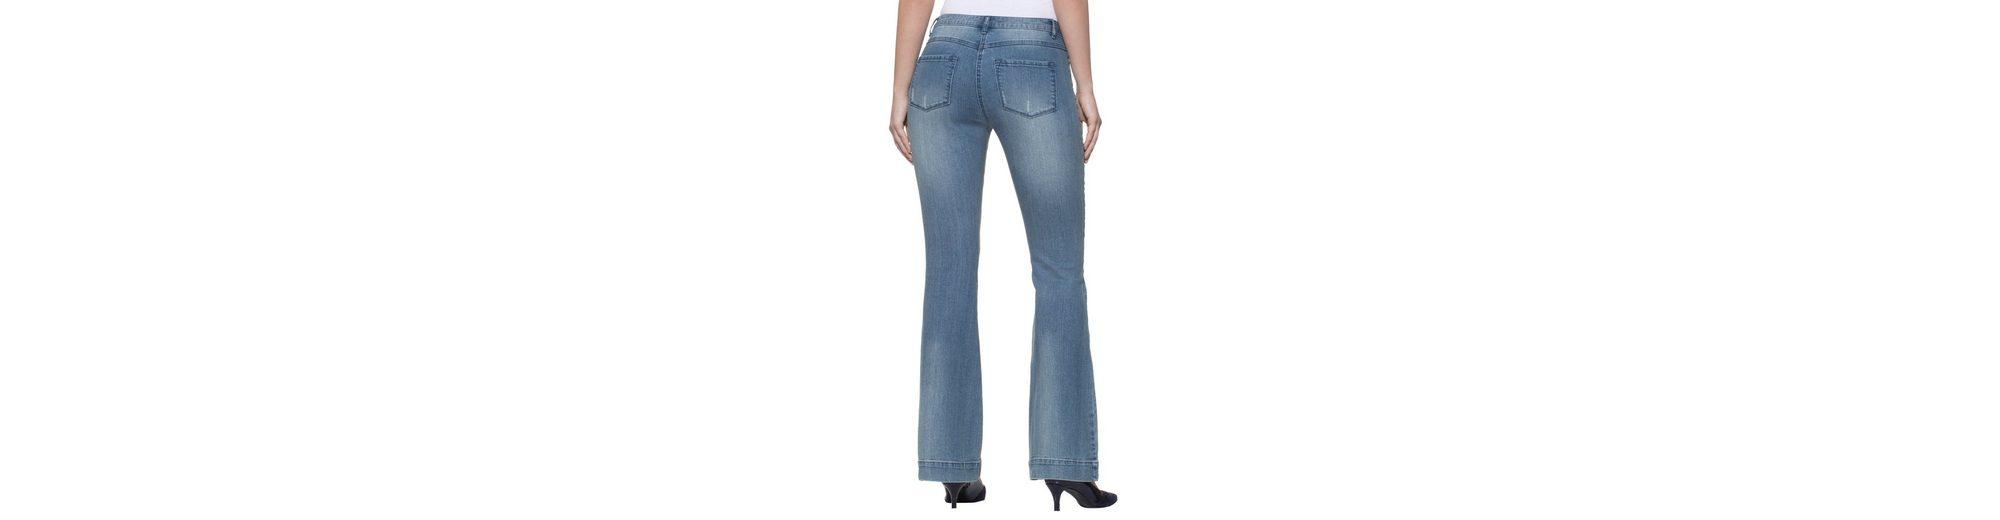 Zum Verkauf Footlocker Alba Moda Flared-Jeans mit Cut-out-Effekten und modischer Waschung Rabatt Großhandelspreis s7iPvpL